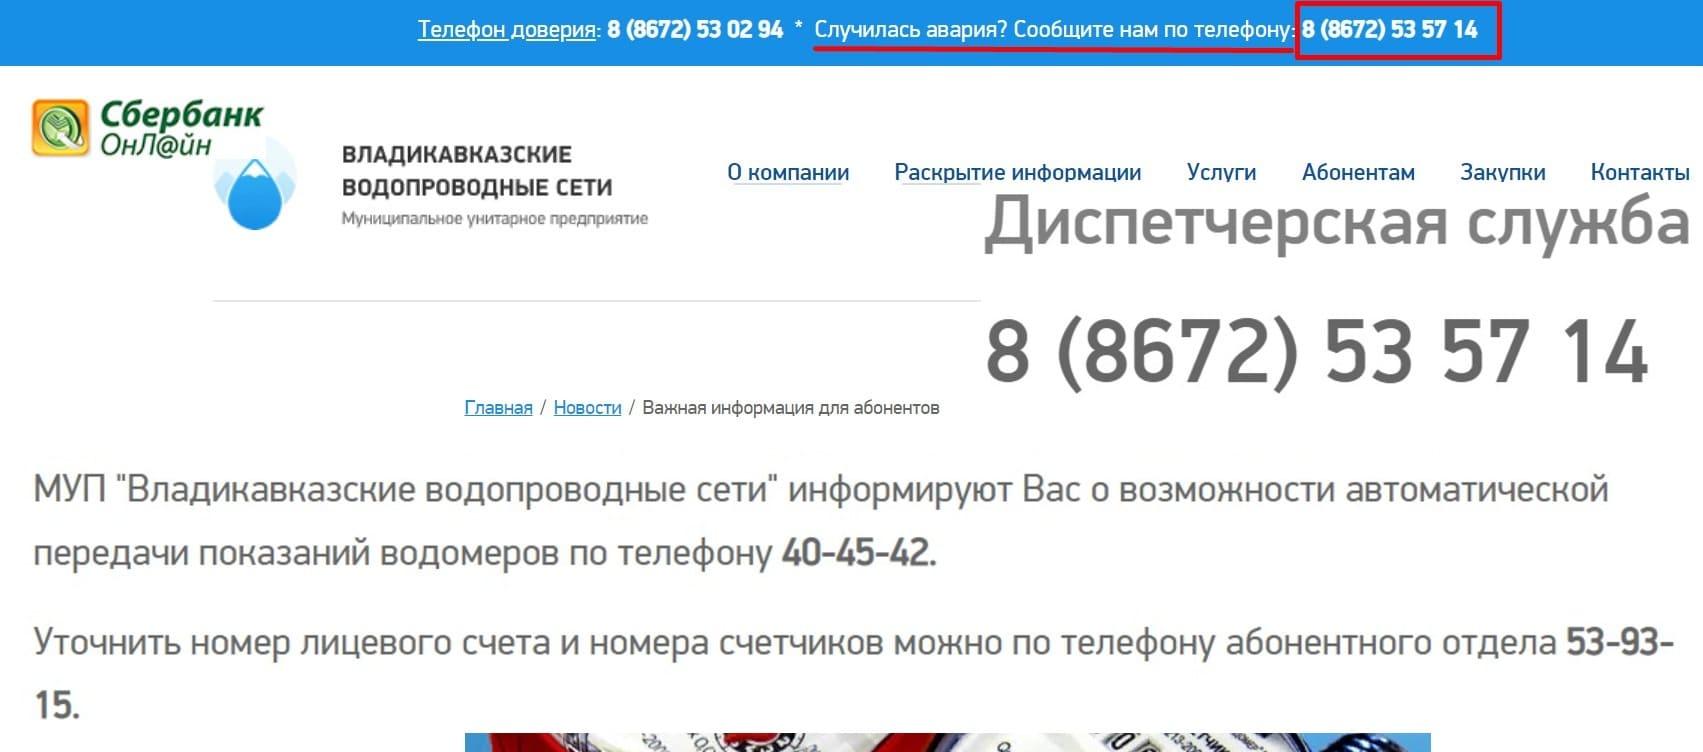 Владикавказские Водопроводные Сети личный кабинет